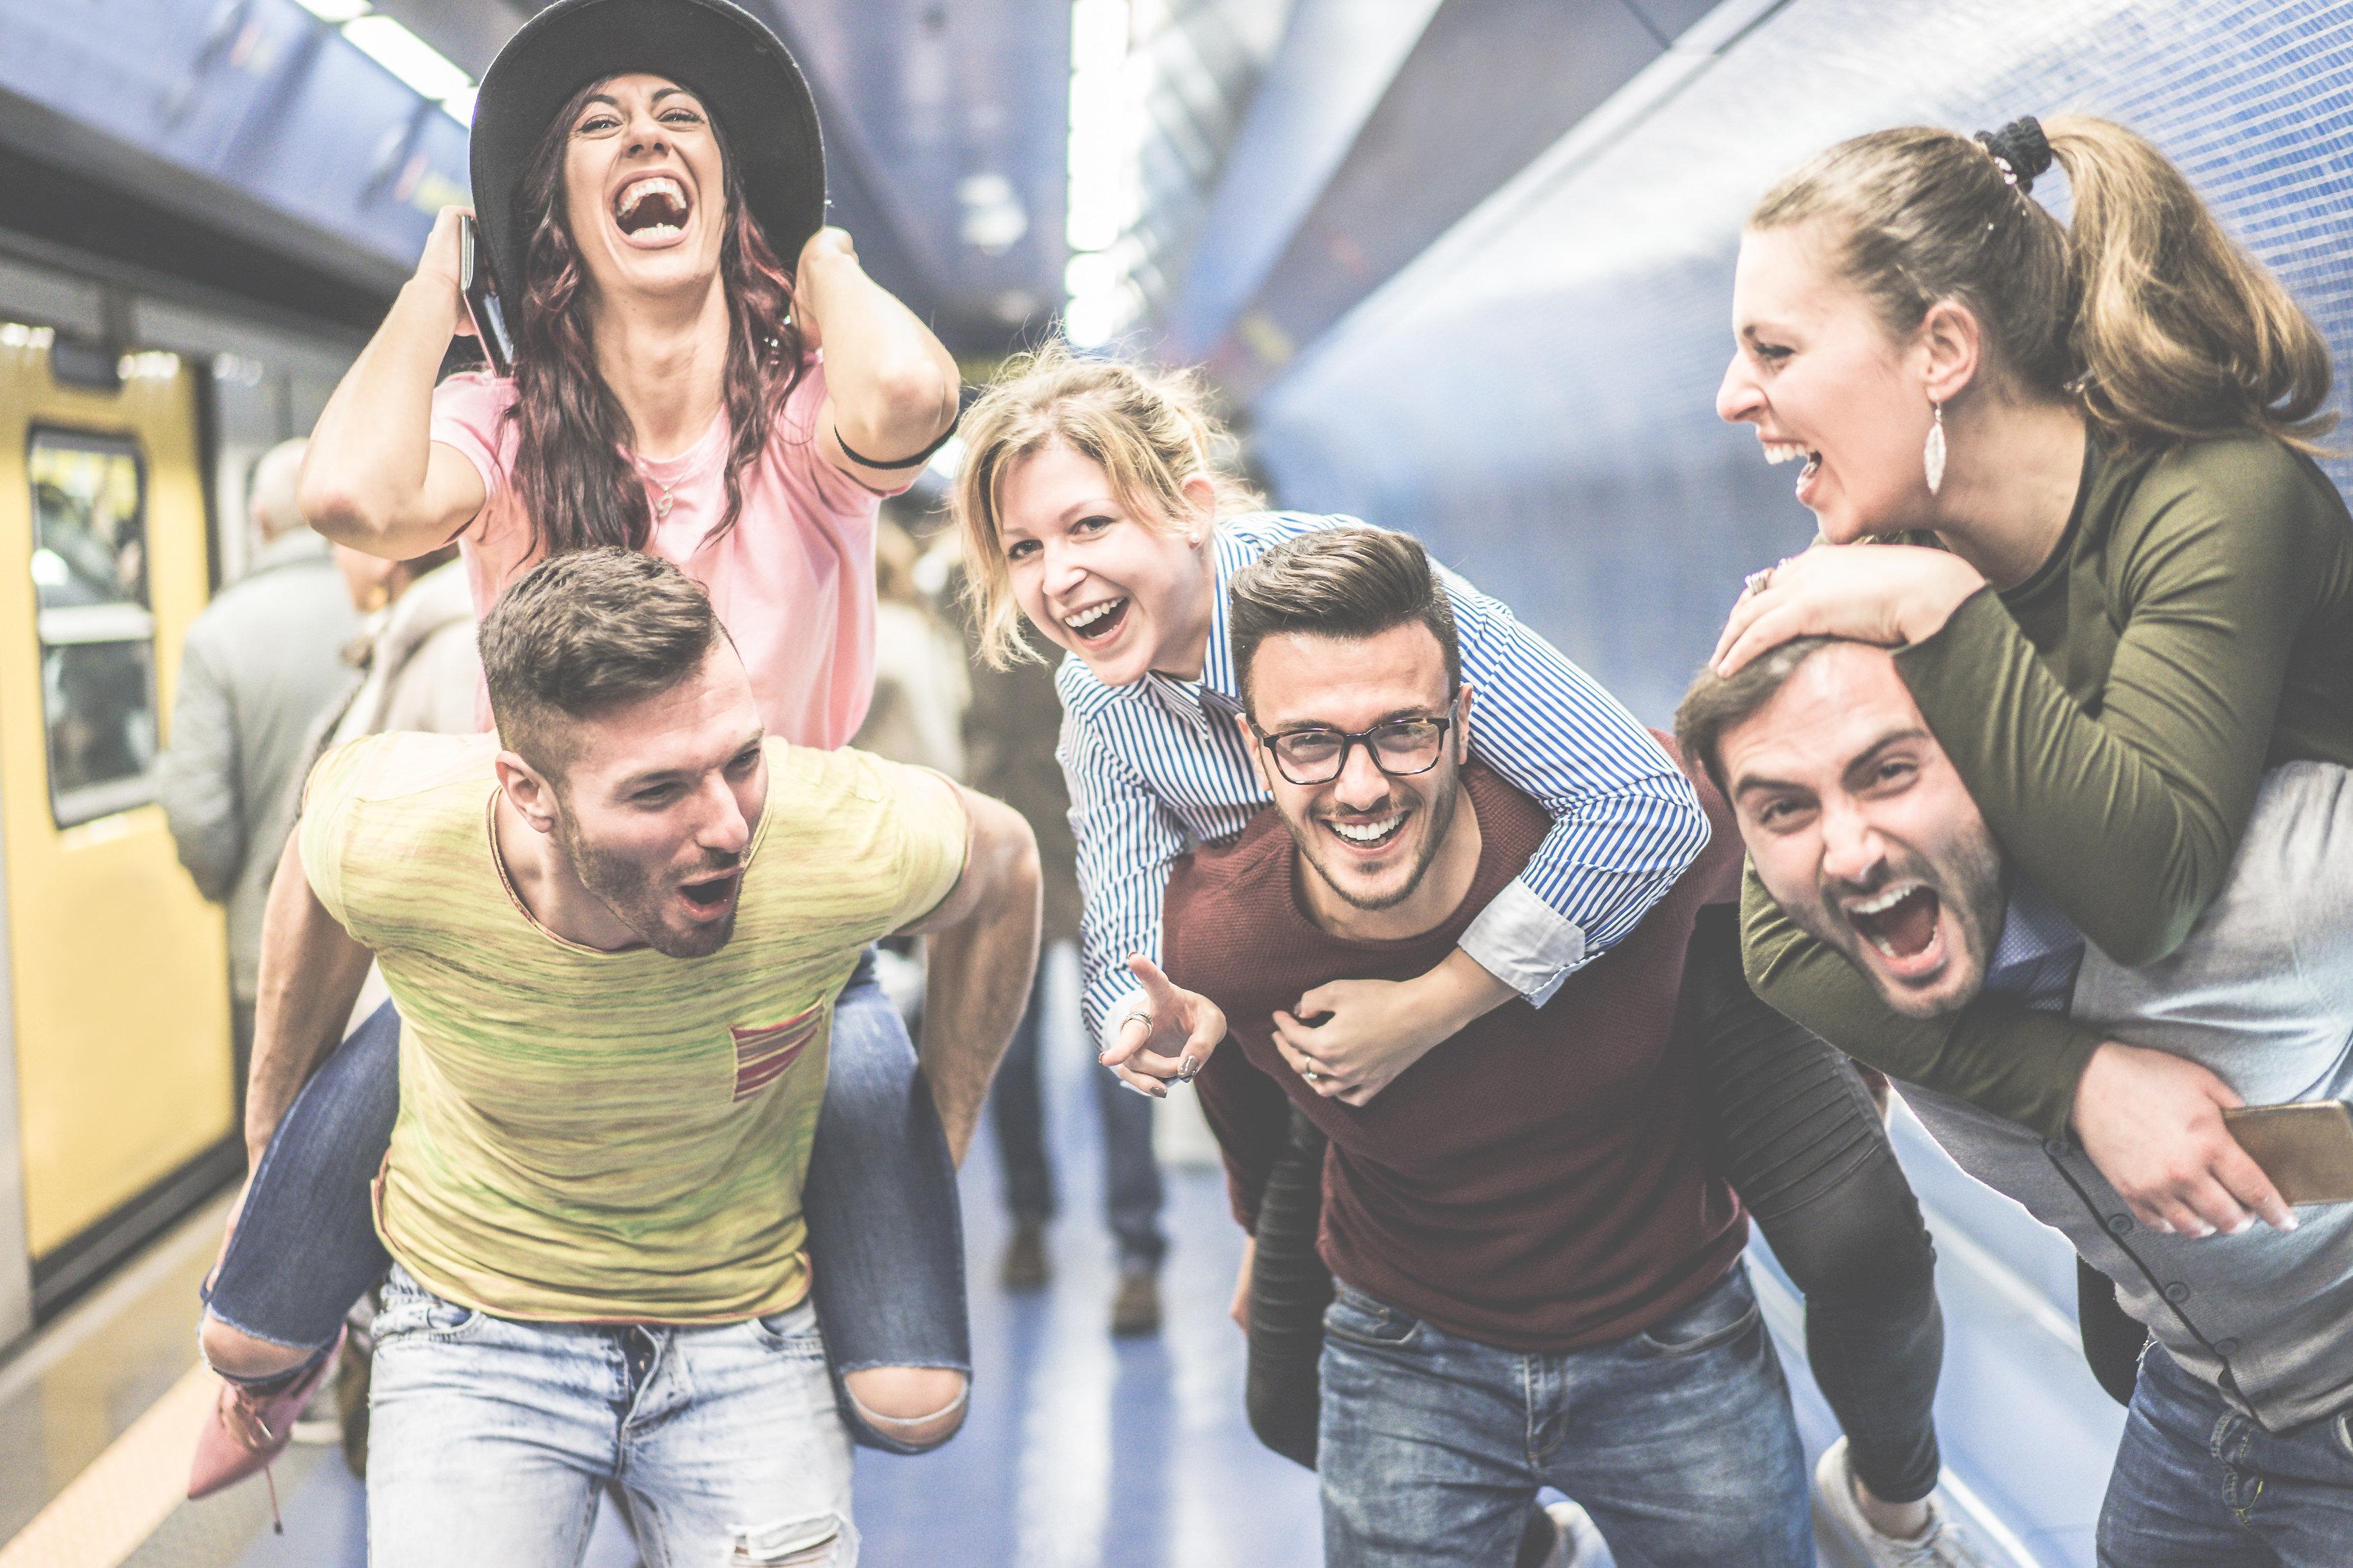 Bekenntnis eines Mannes: Warum Frauen die besseren Freunde